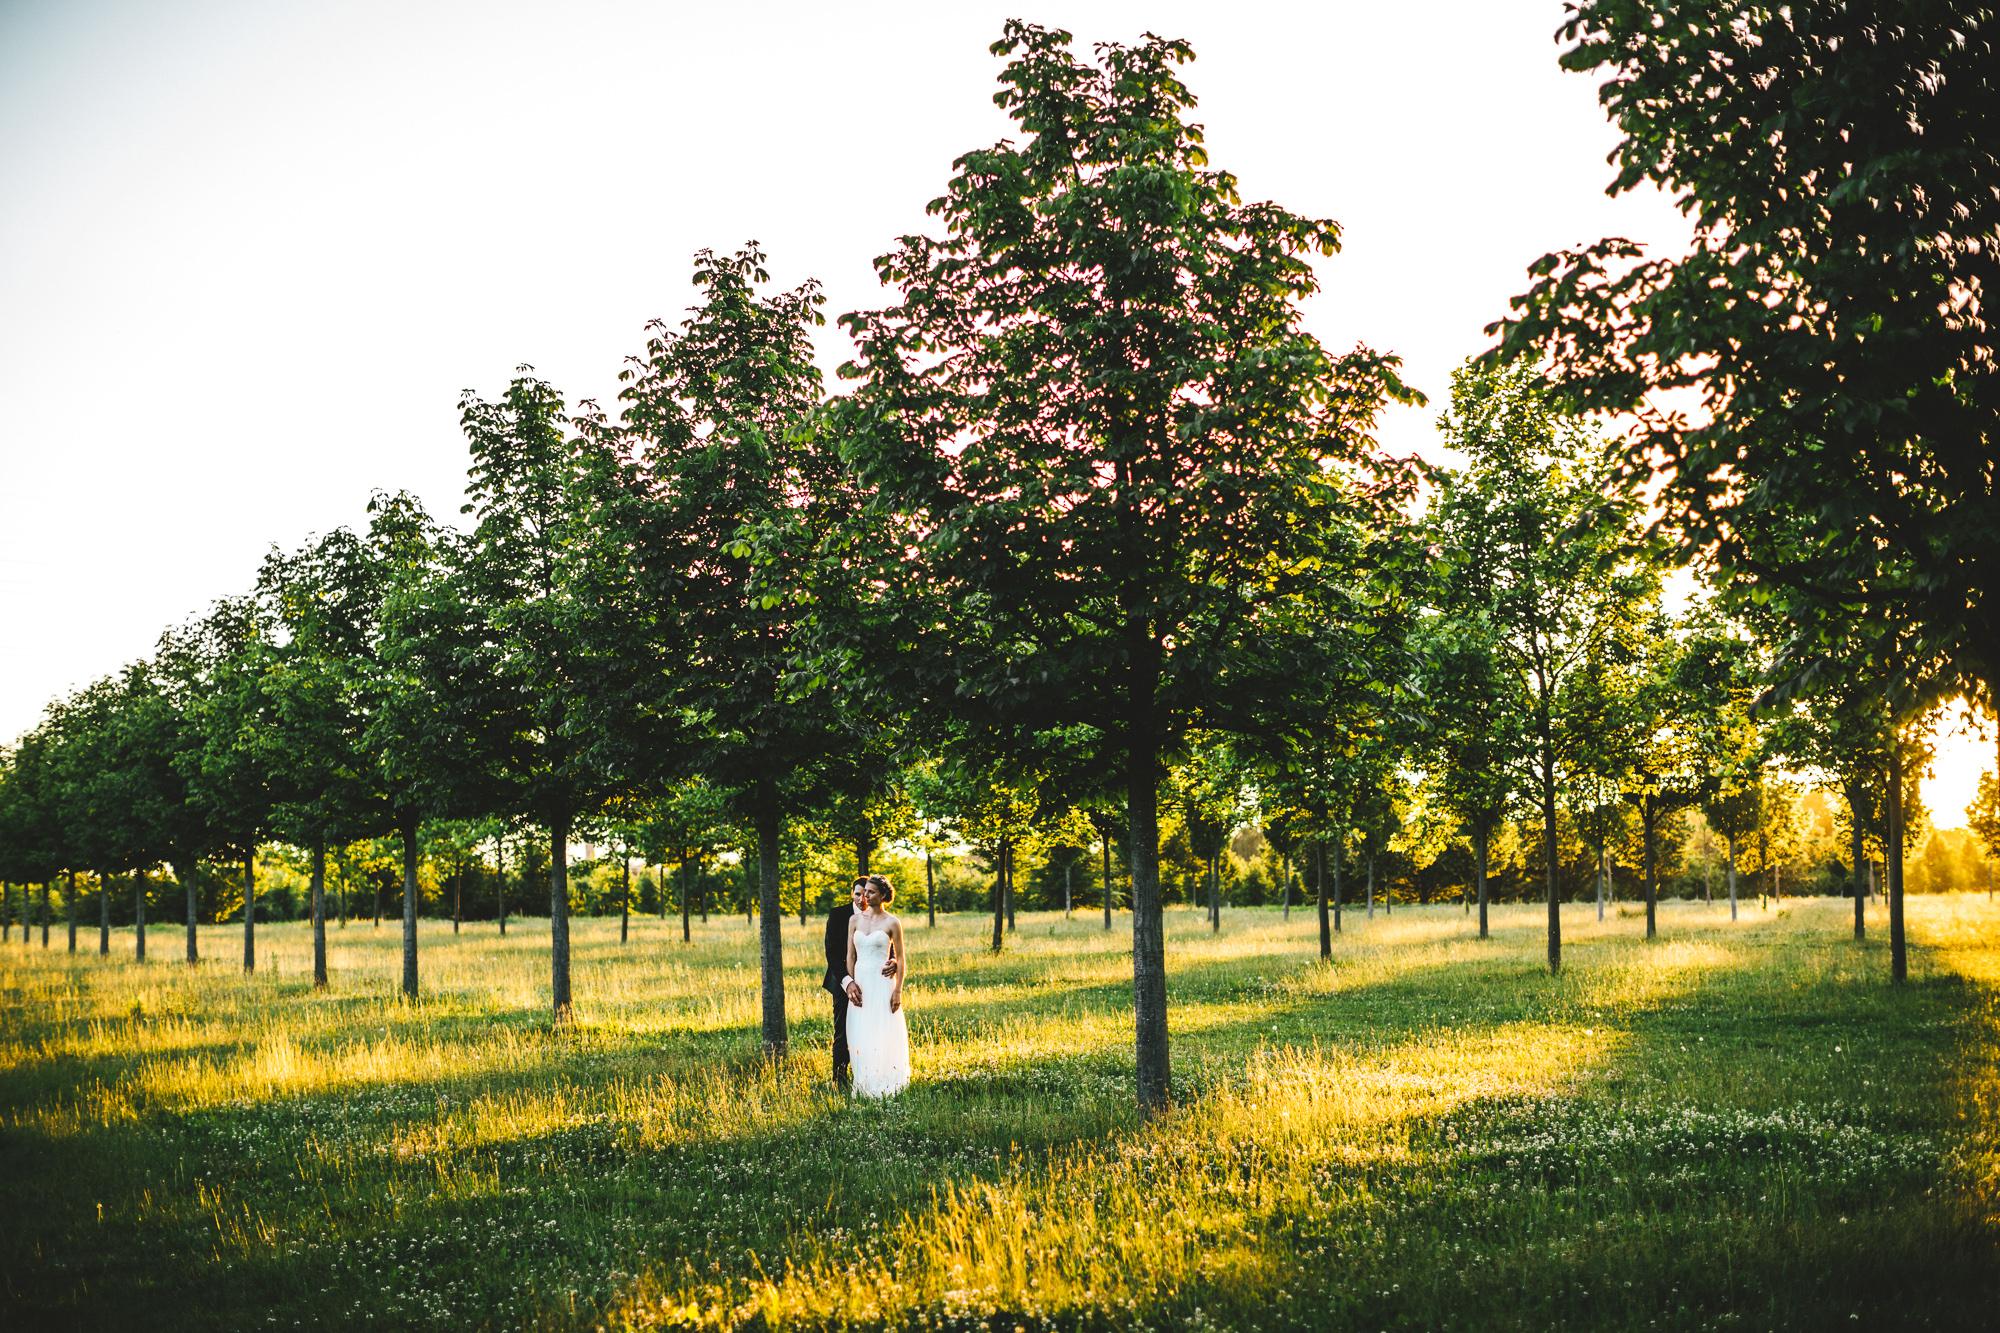 annethomas 408 - Hochzeit im wunderschönen Ladenburg in Eichenstolz